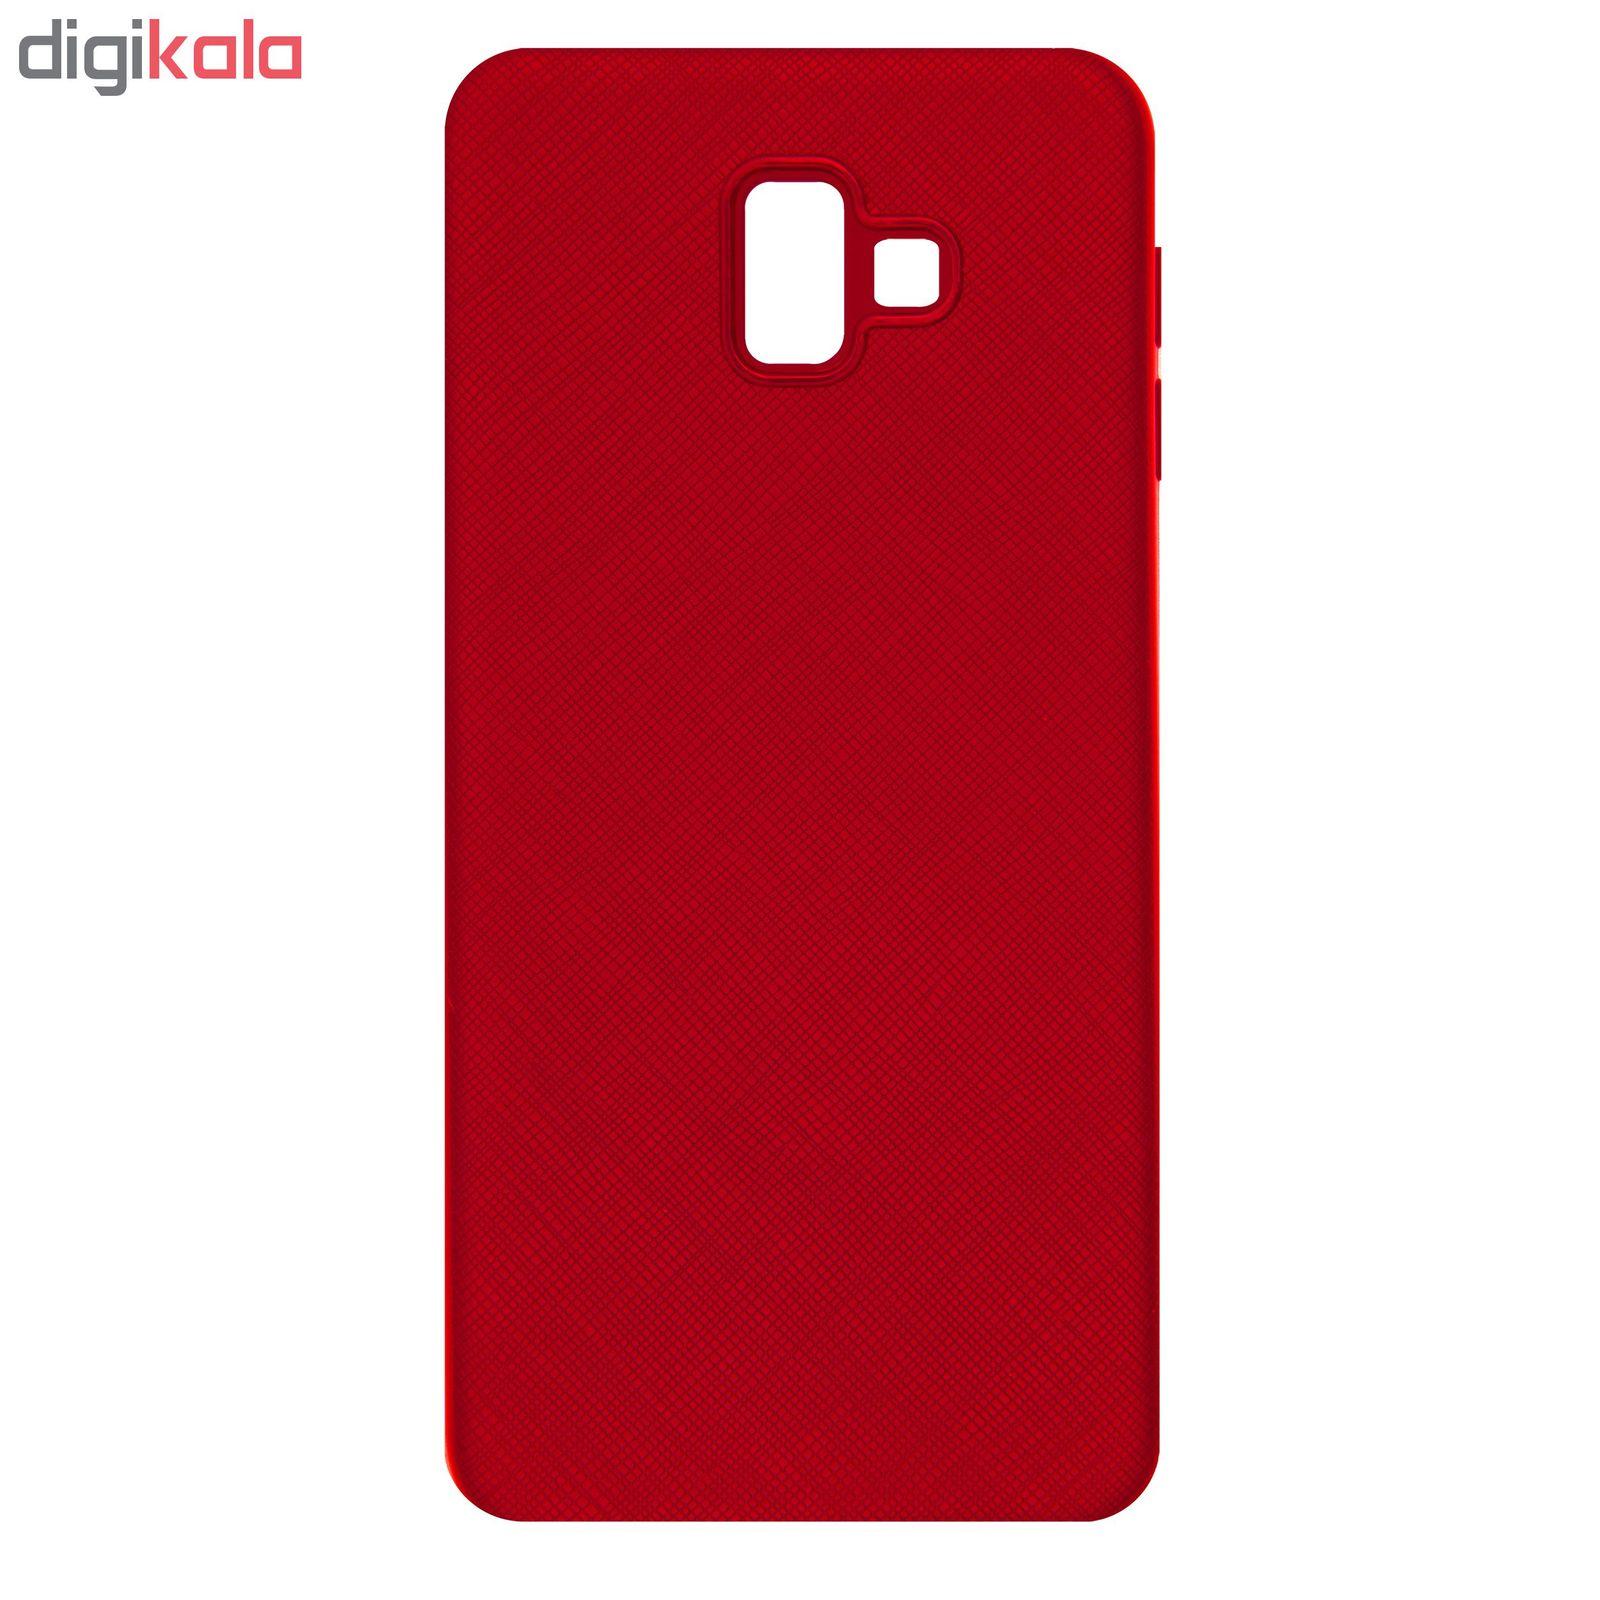 کاور سومگ مدل SC-i001 مناسب برای گوشی موبایل سامسونگ J6 Plus main 1 3